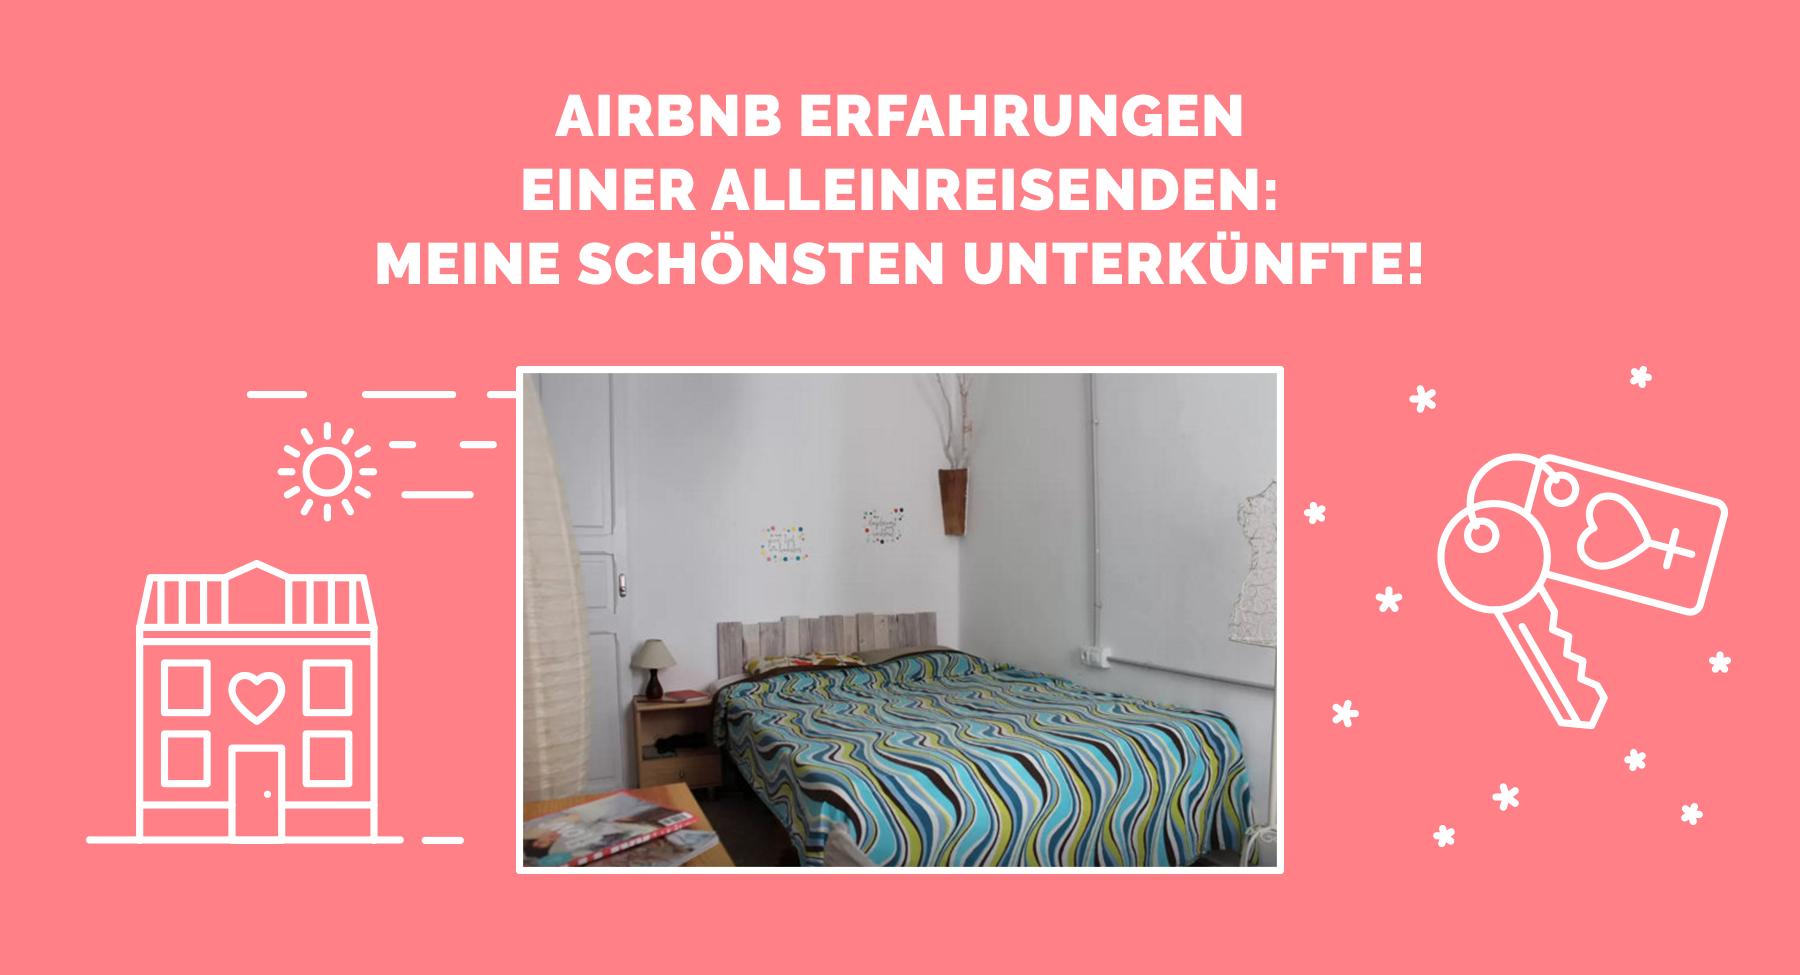 airbnb erfahrungen einer alleinreisenden meine sch nsten bernachtungen. Black Bedroom Furniture Sets. Home Design Ideas